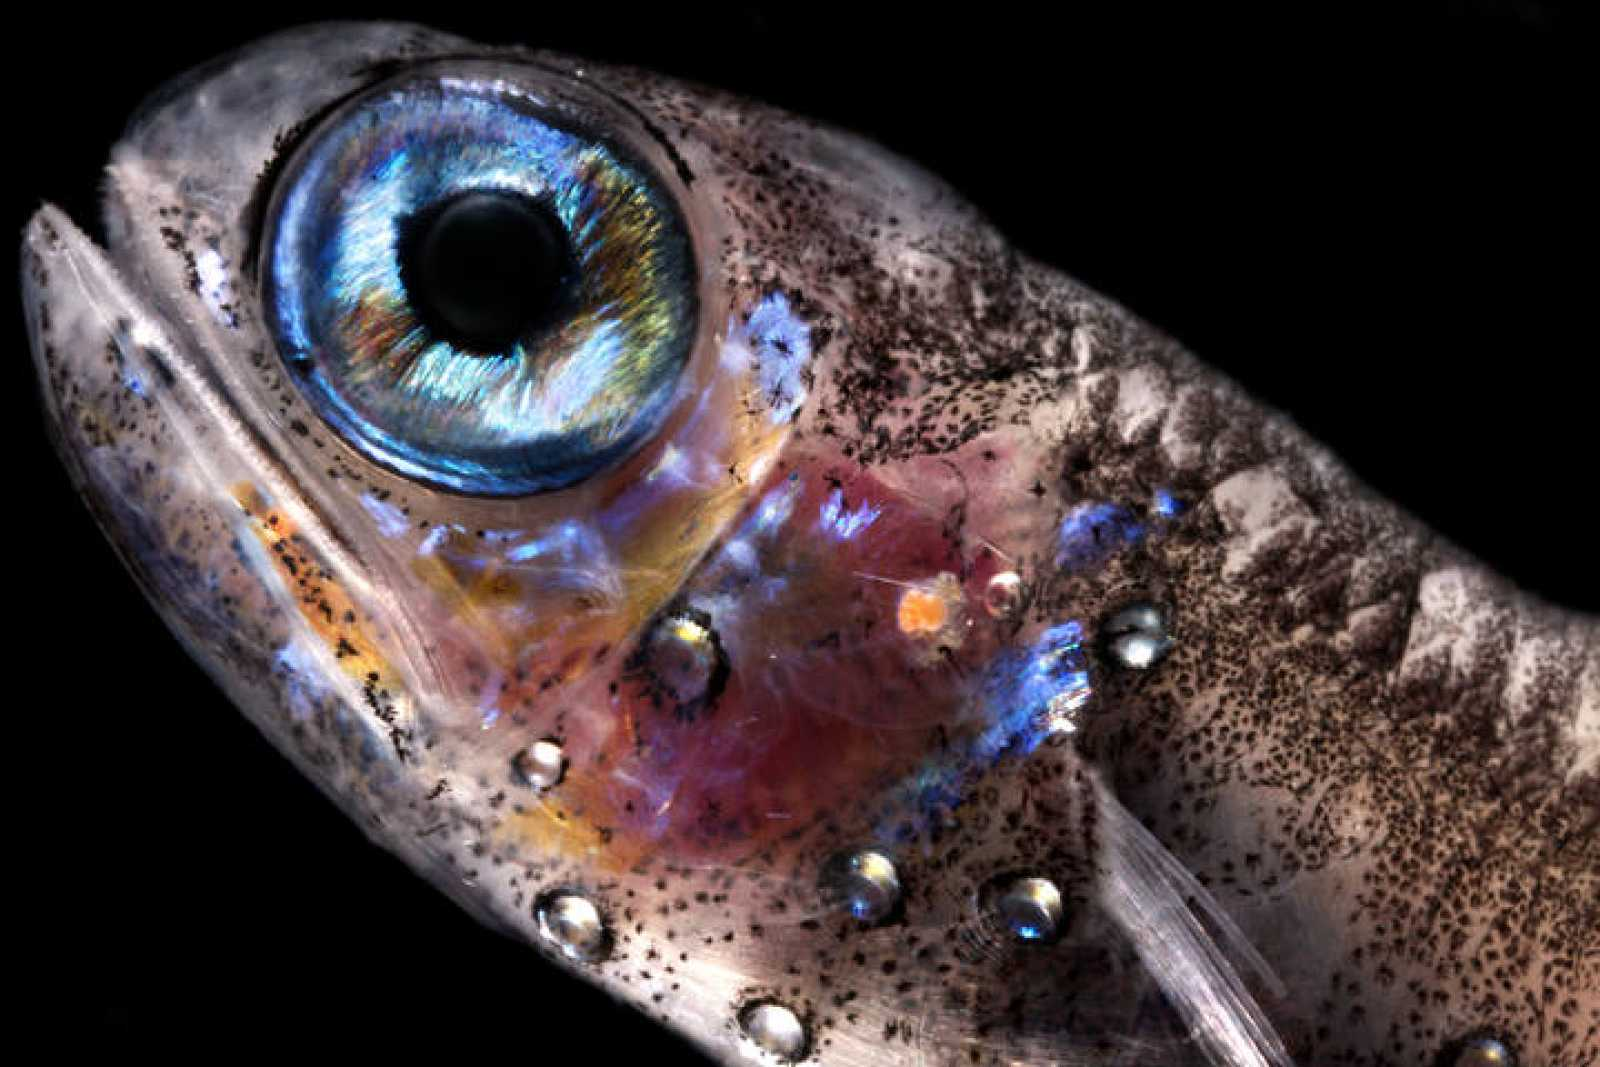 Uno de los peces mesopelágicos capturados la expedición Malaspina.